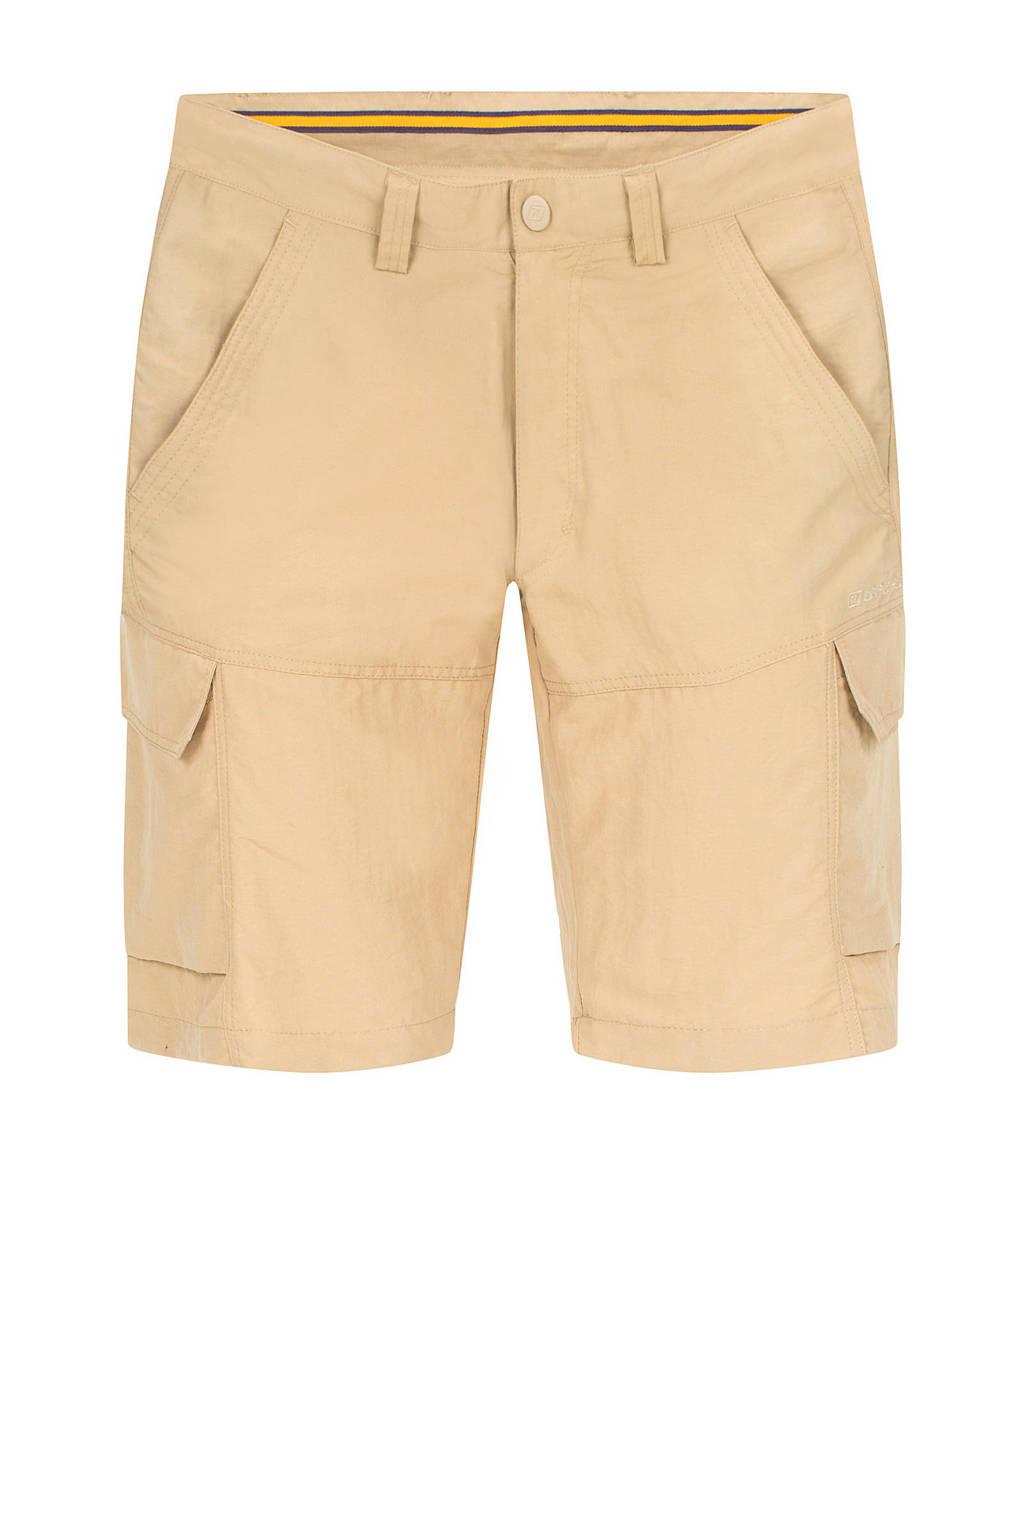 Life-Line outdoor korte broek Dibo beige, Beige